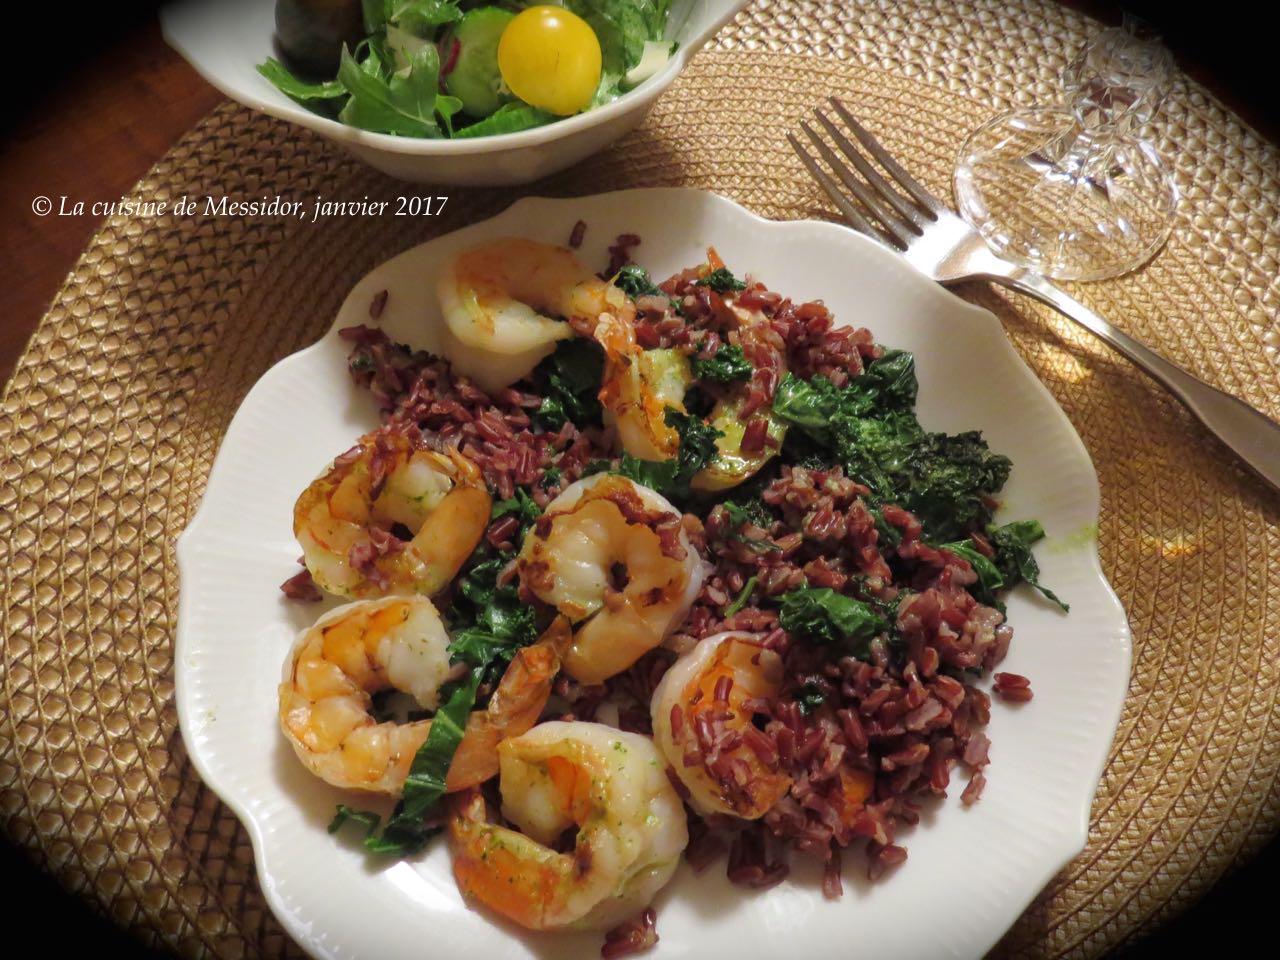 Deco Chambre Union Jack : La cuisine de Messidor Crevettes sur riz rouge, sauce à l'ail et